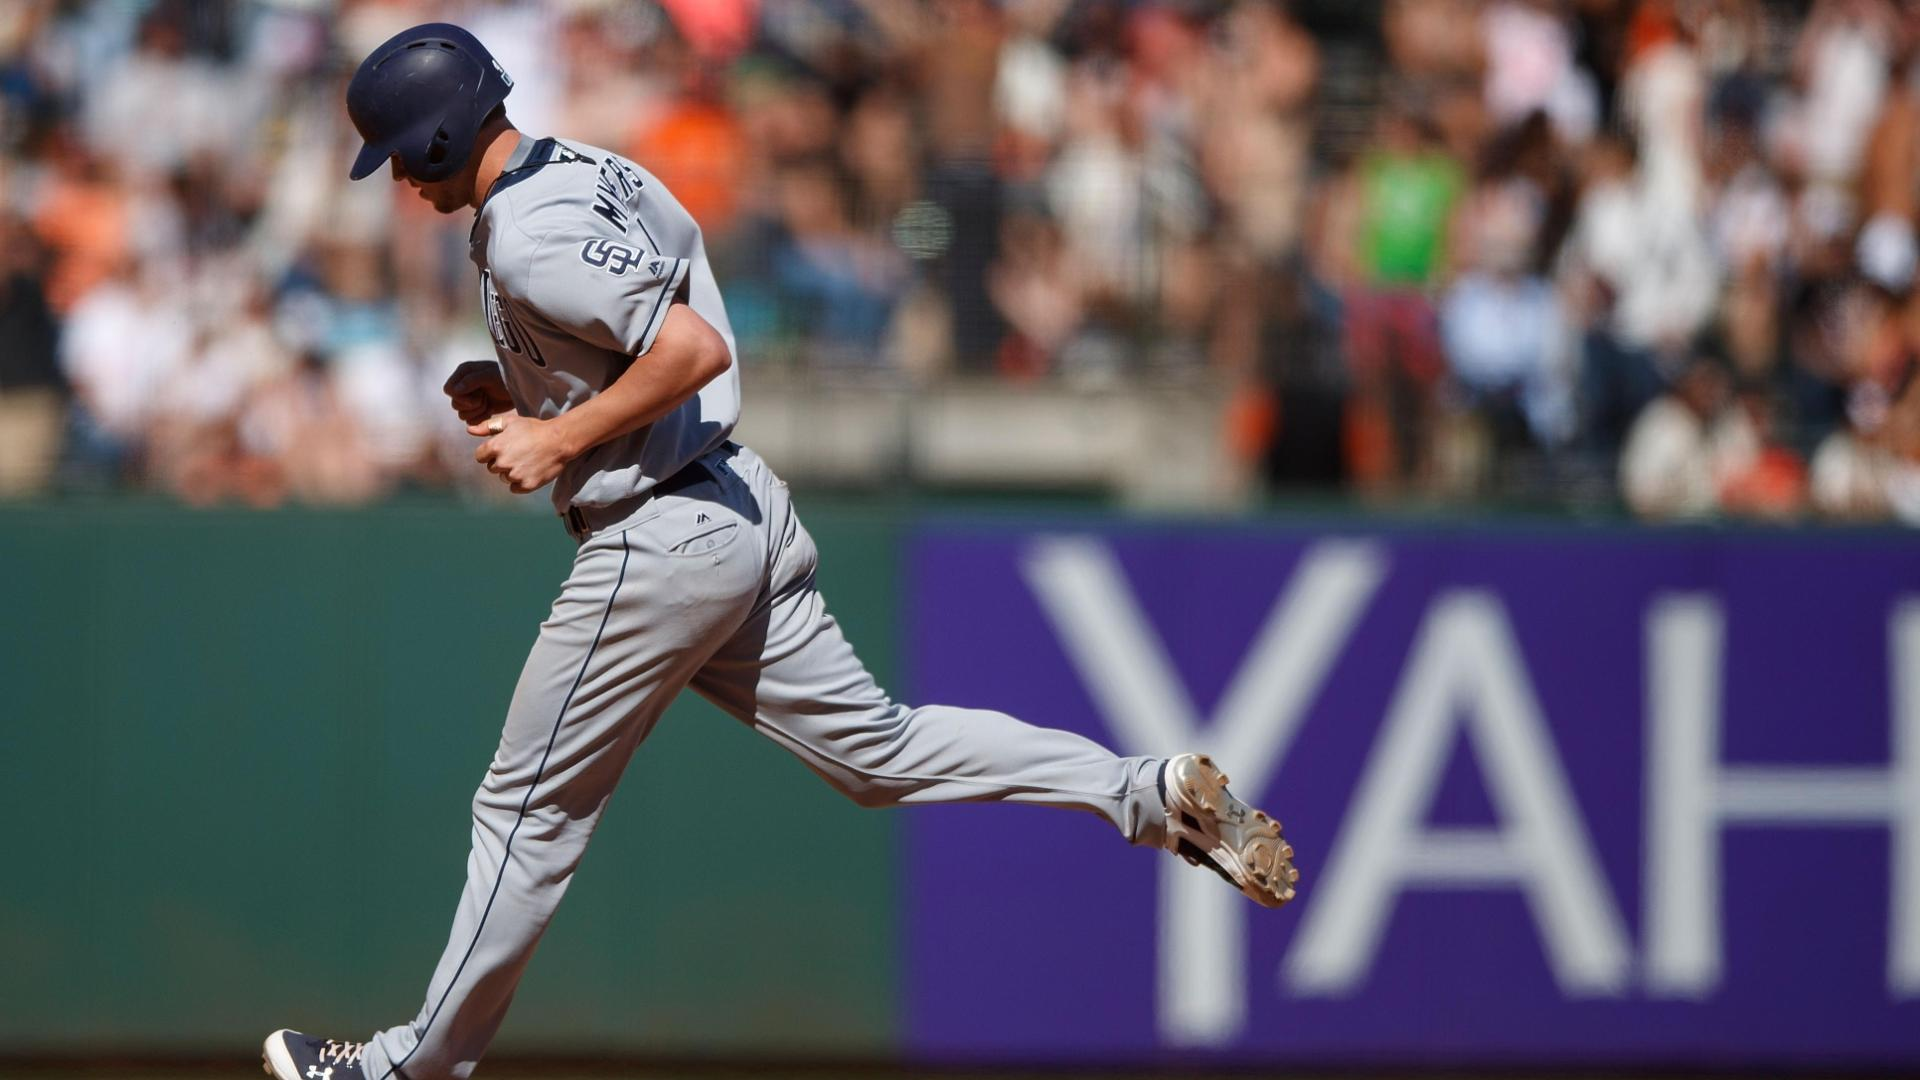 http://a.espncdn.com/media/motion/2017/0430/dm_170430_MLB_Padres_Myers_3_run_home_run_in_121423/dm_170430_MLB_Padres_Myers_3_run_home_run_in_121423.jpg